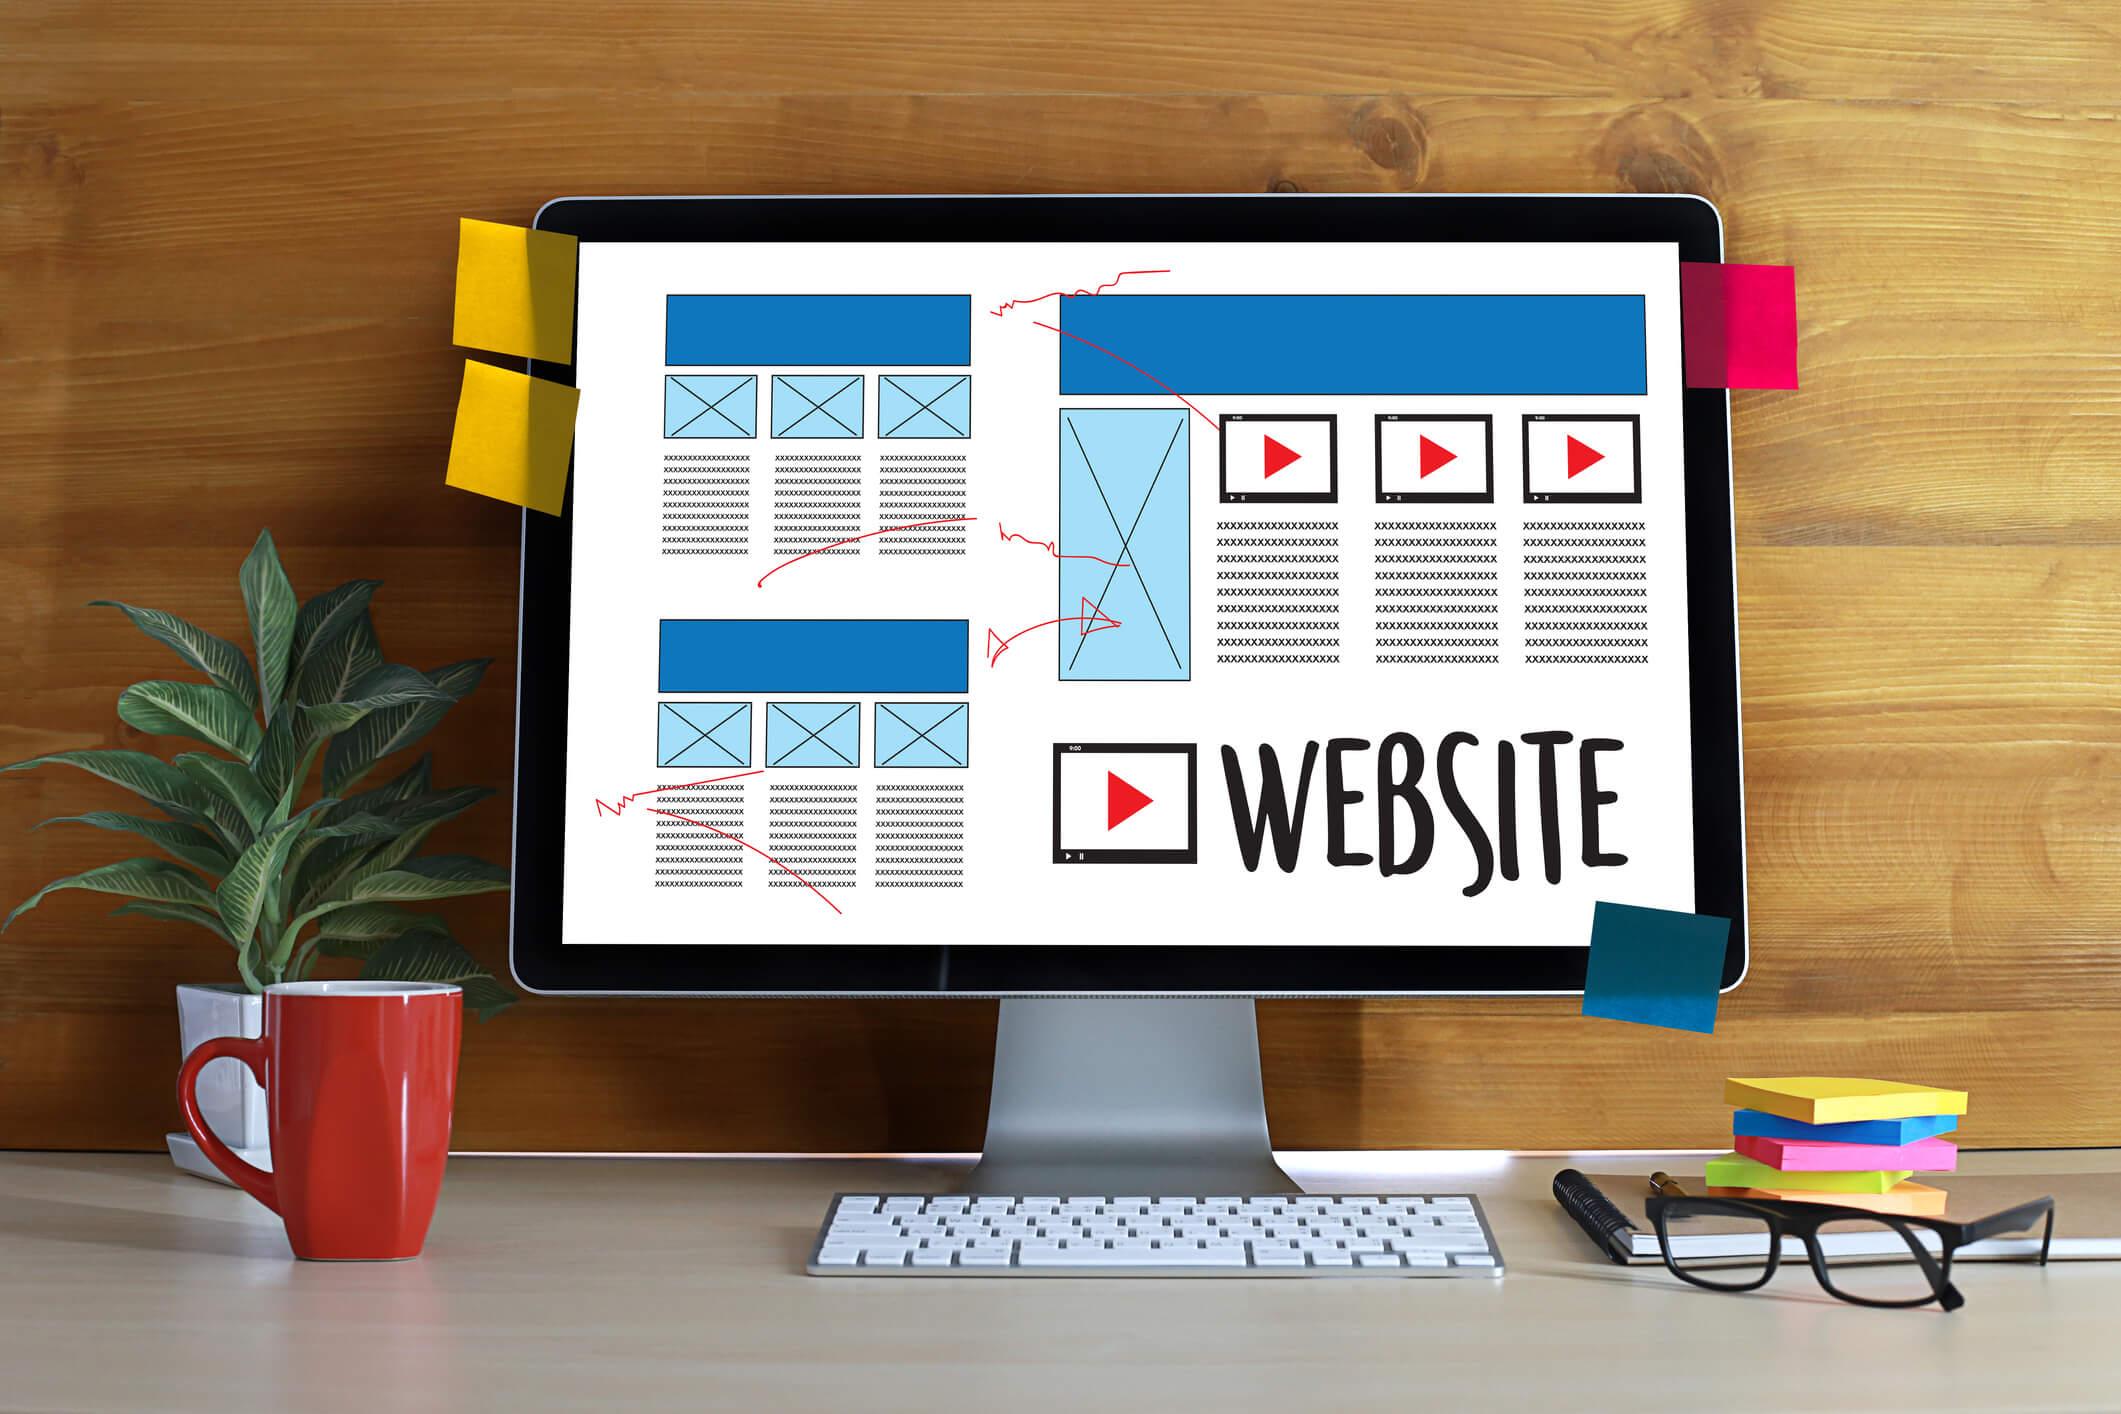 La estética en páginas web.